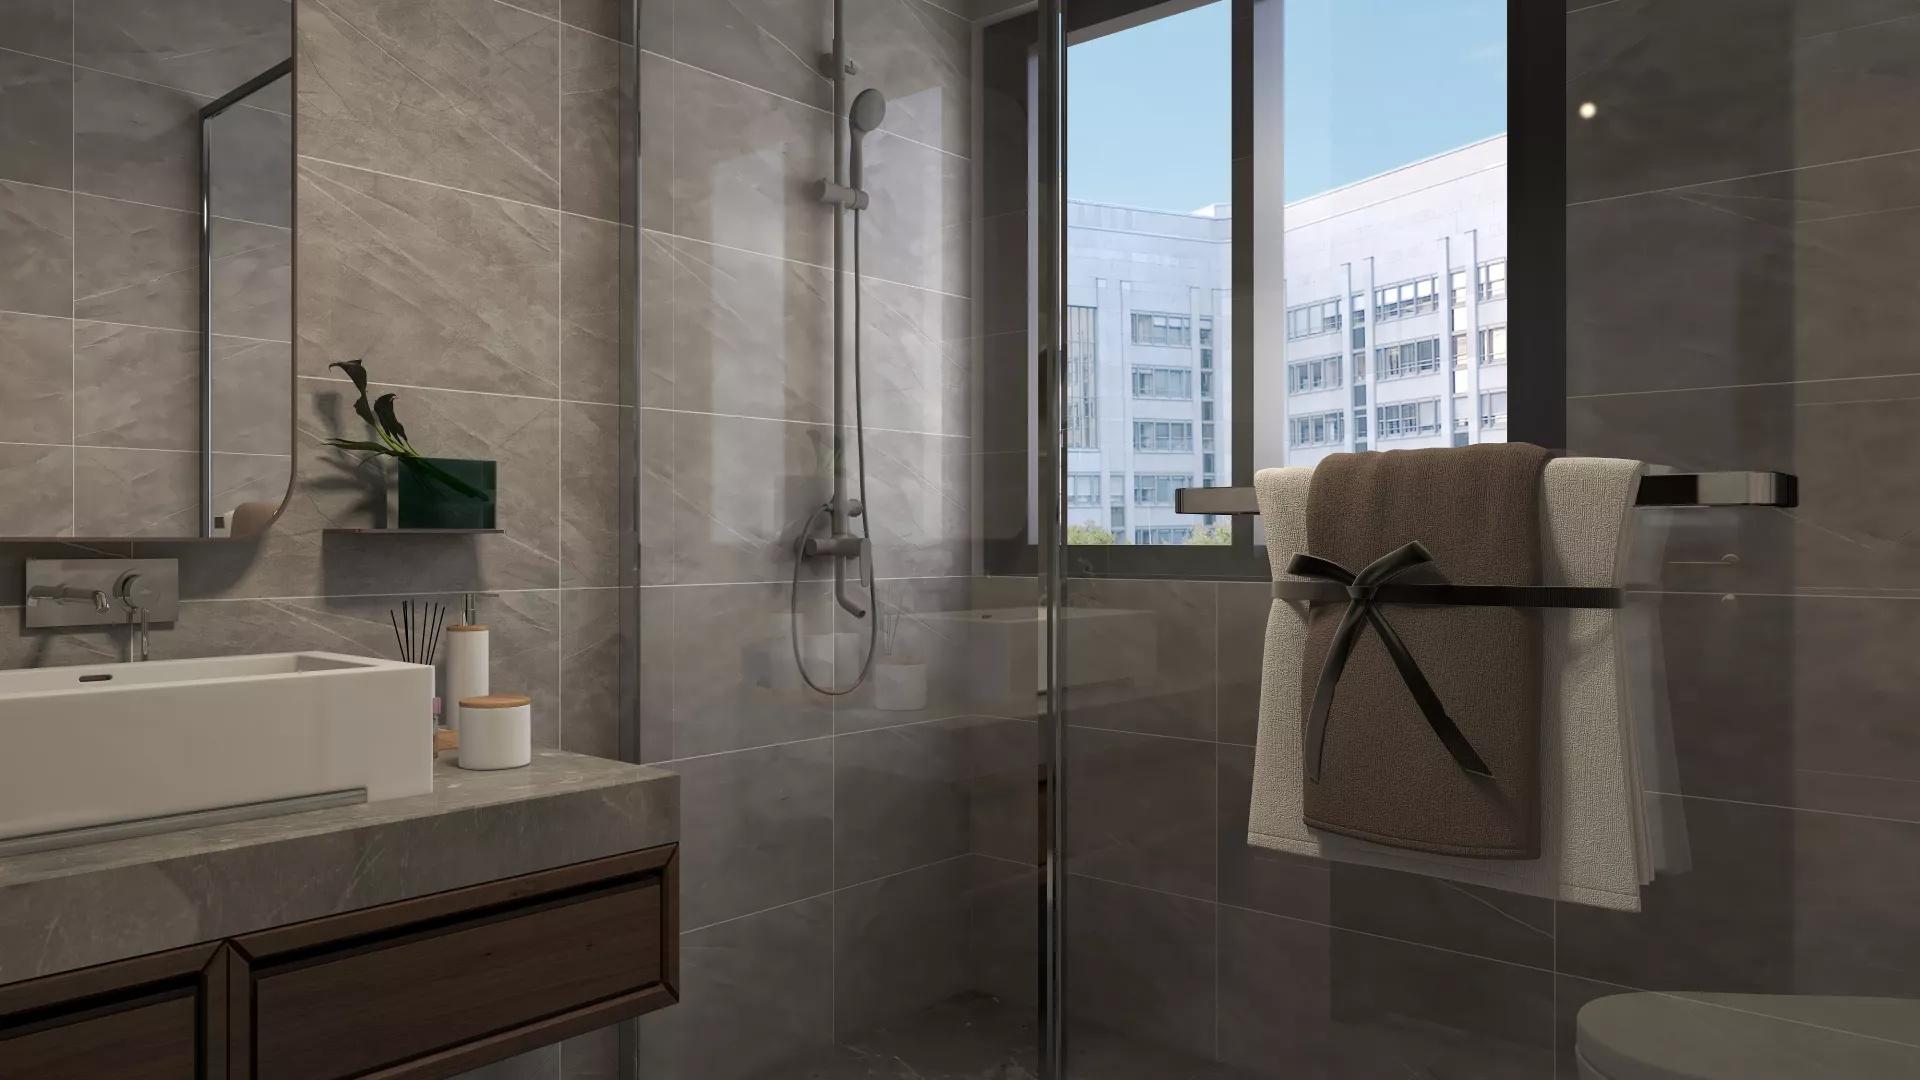 浴室镜子也有风水讲究大家知道吗?一起来看看吧